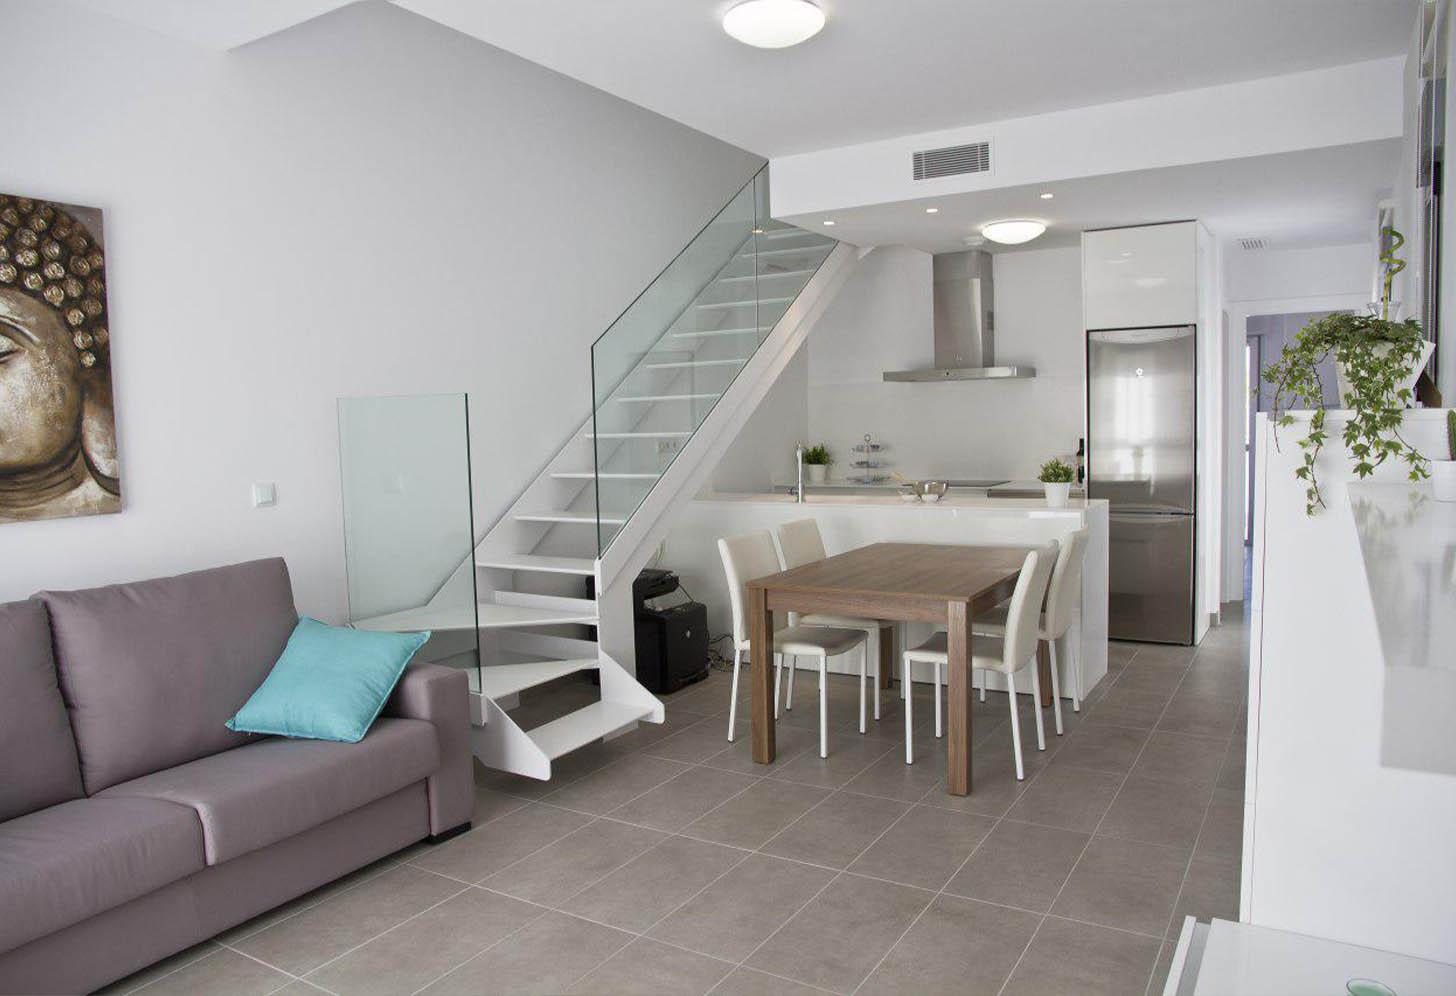 immobilier neuf espagne costa blanca on-n3 duplex higuerigas salon